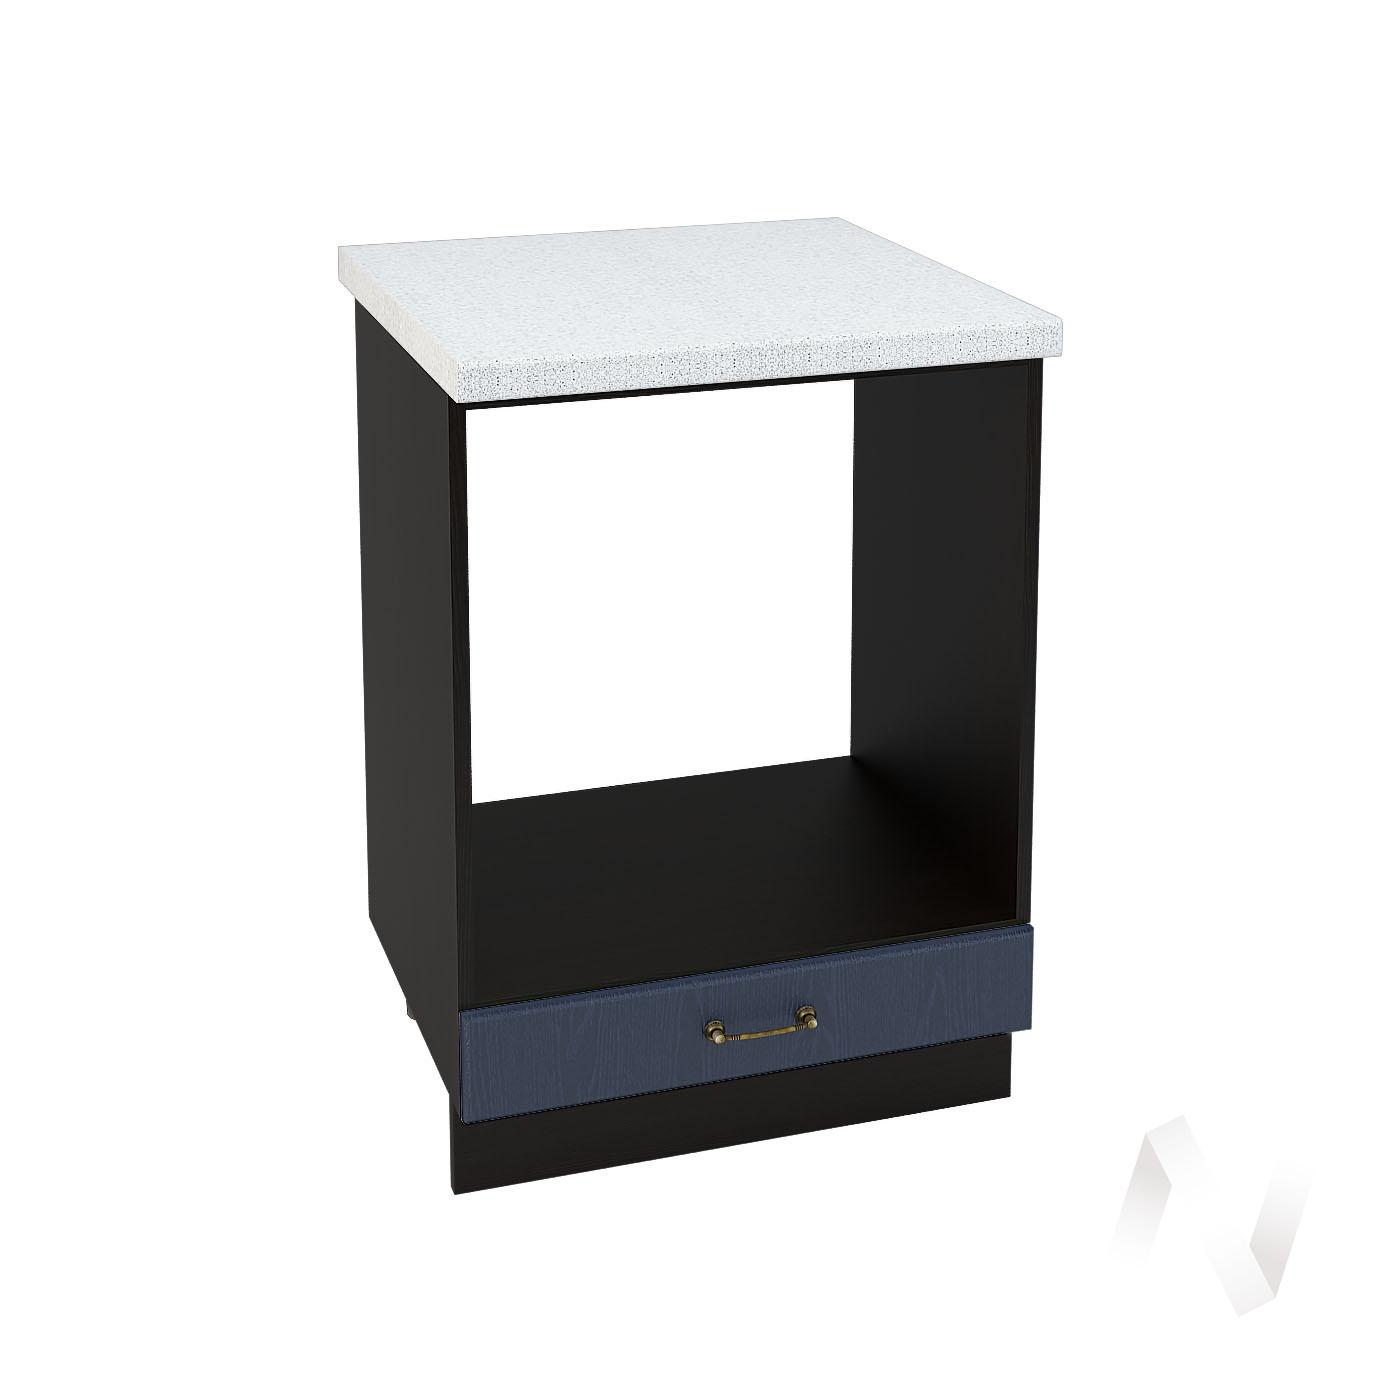 """Кухня """"Ницца"""": Шкаф нижний под духовку 600, ШНД 600 (Дуб чернильный/корпус венге)"""